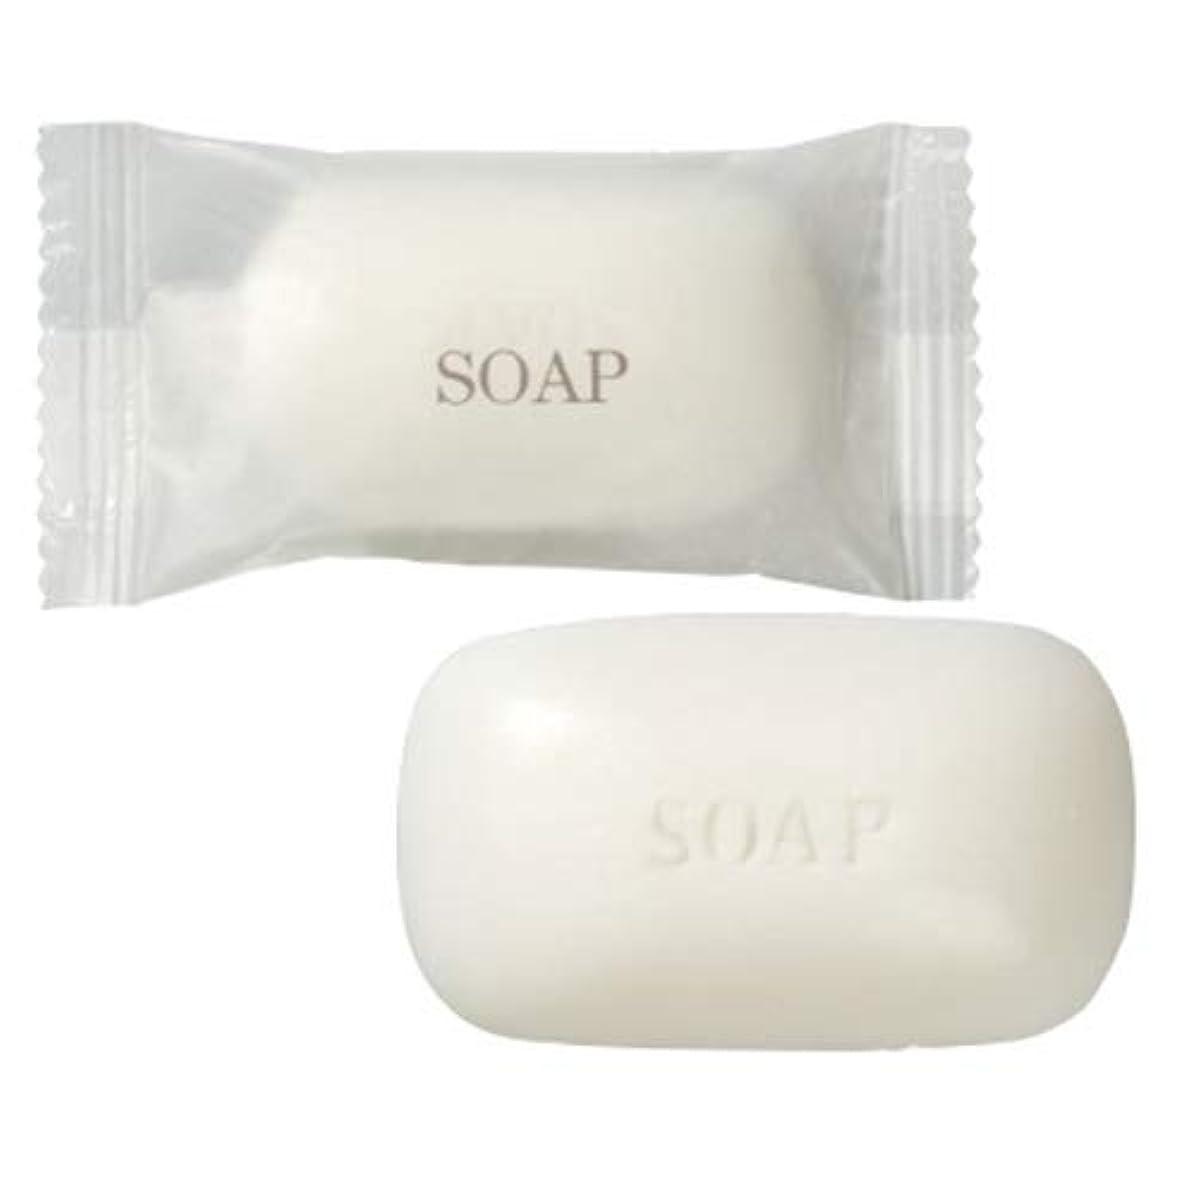 陰気地下鉄模倣業務用 フィードソープ(FEED SOAP) マット袋(M袋) 15g ×1000個 | ホテルアメニティ 個包装